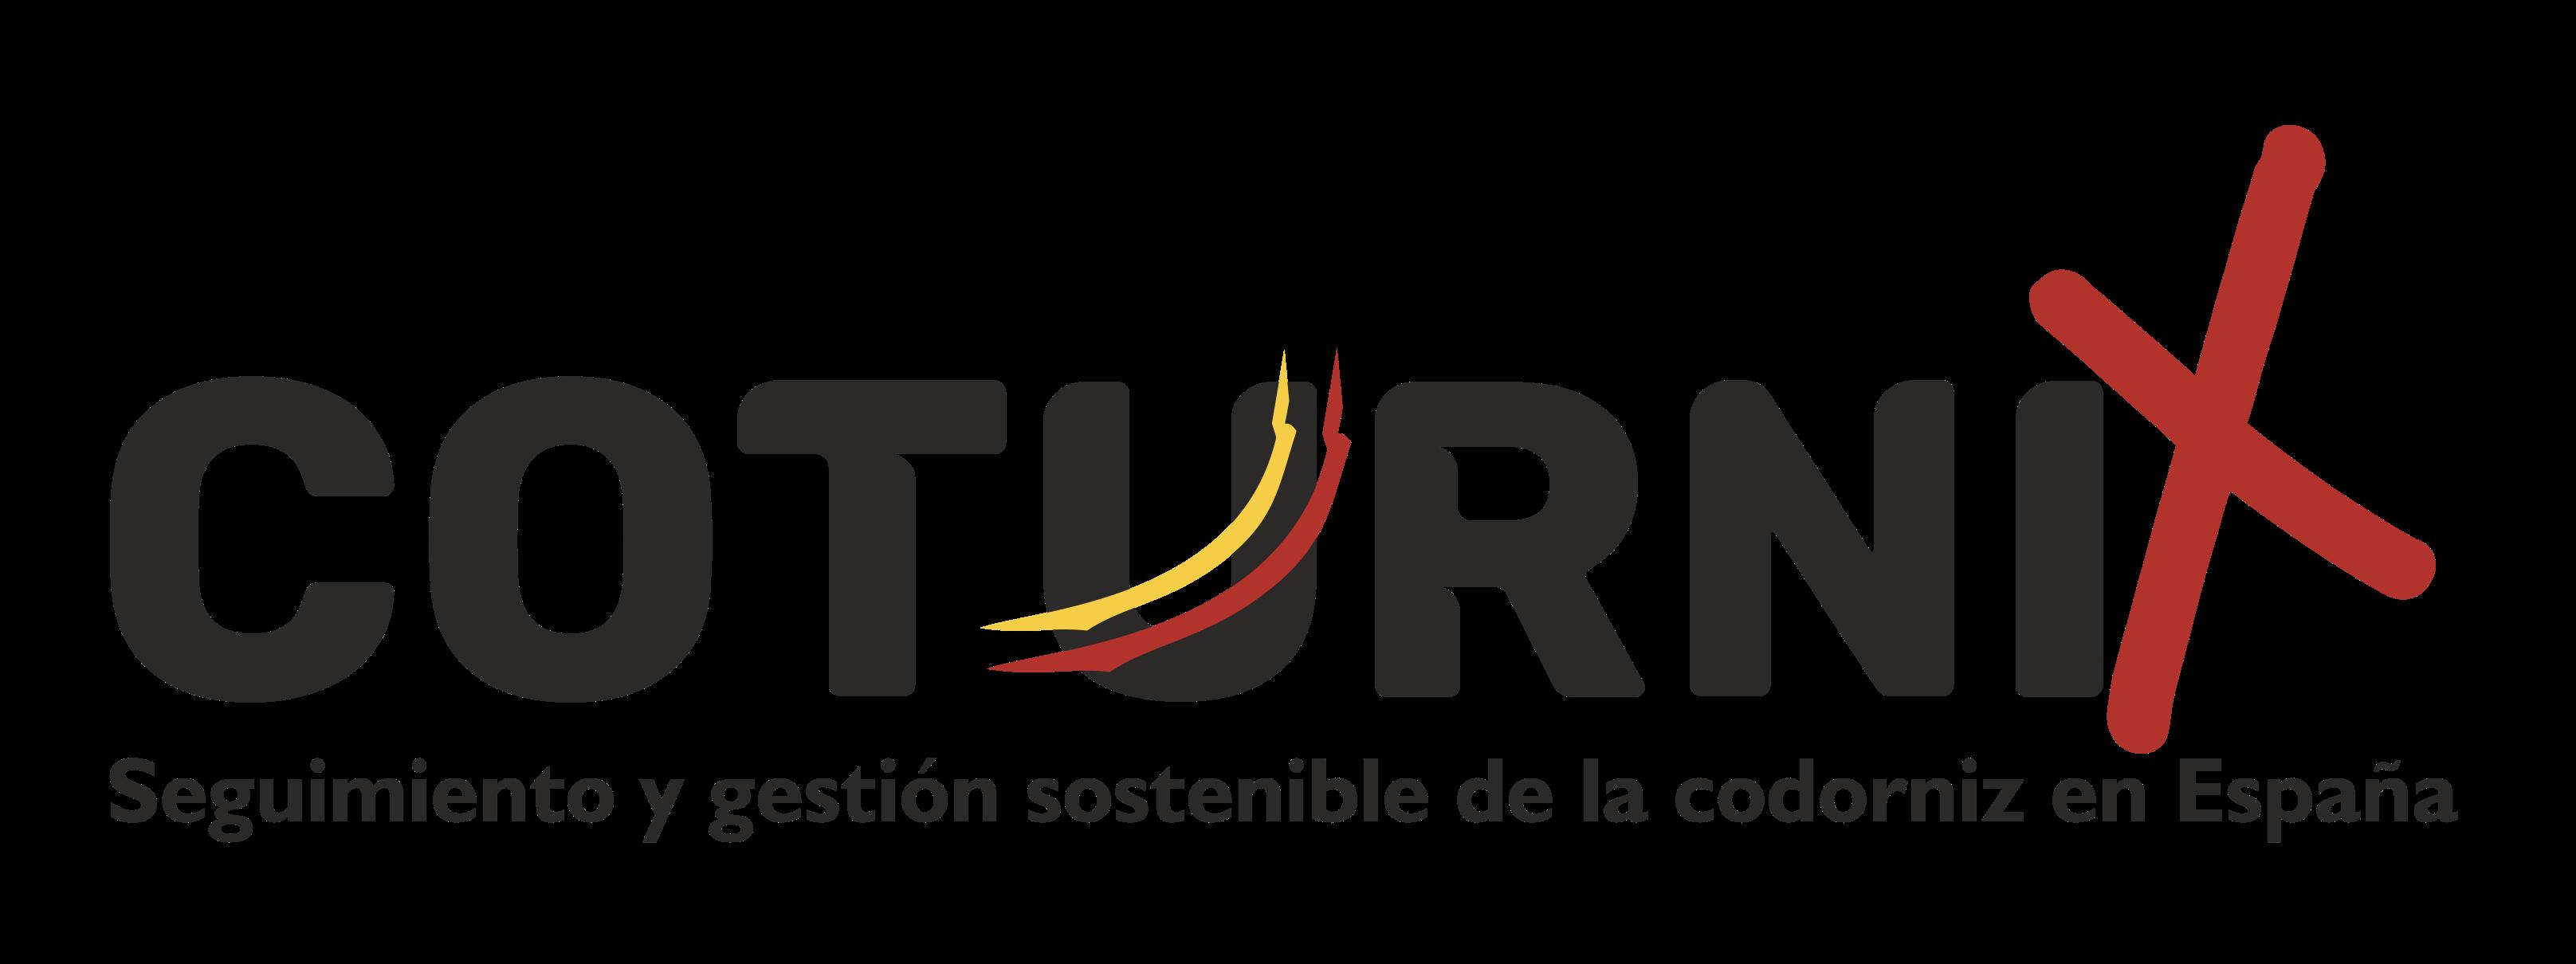 Seguimiento y Gestión Sostenible de la Codorniz en España